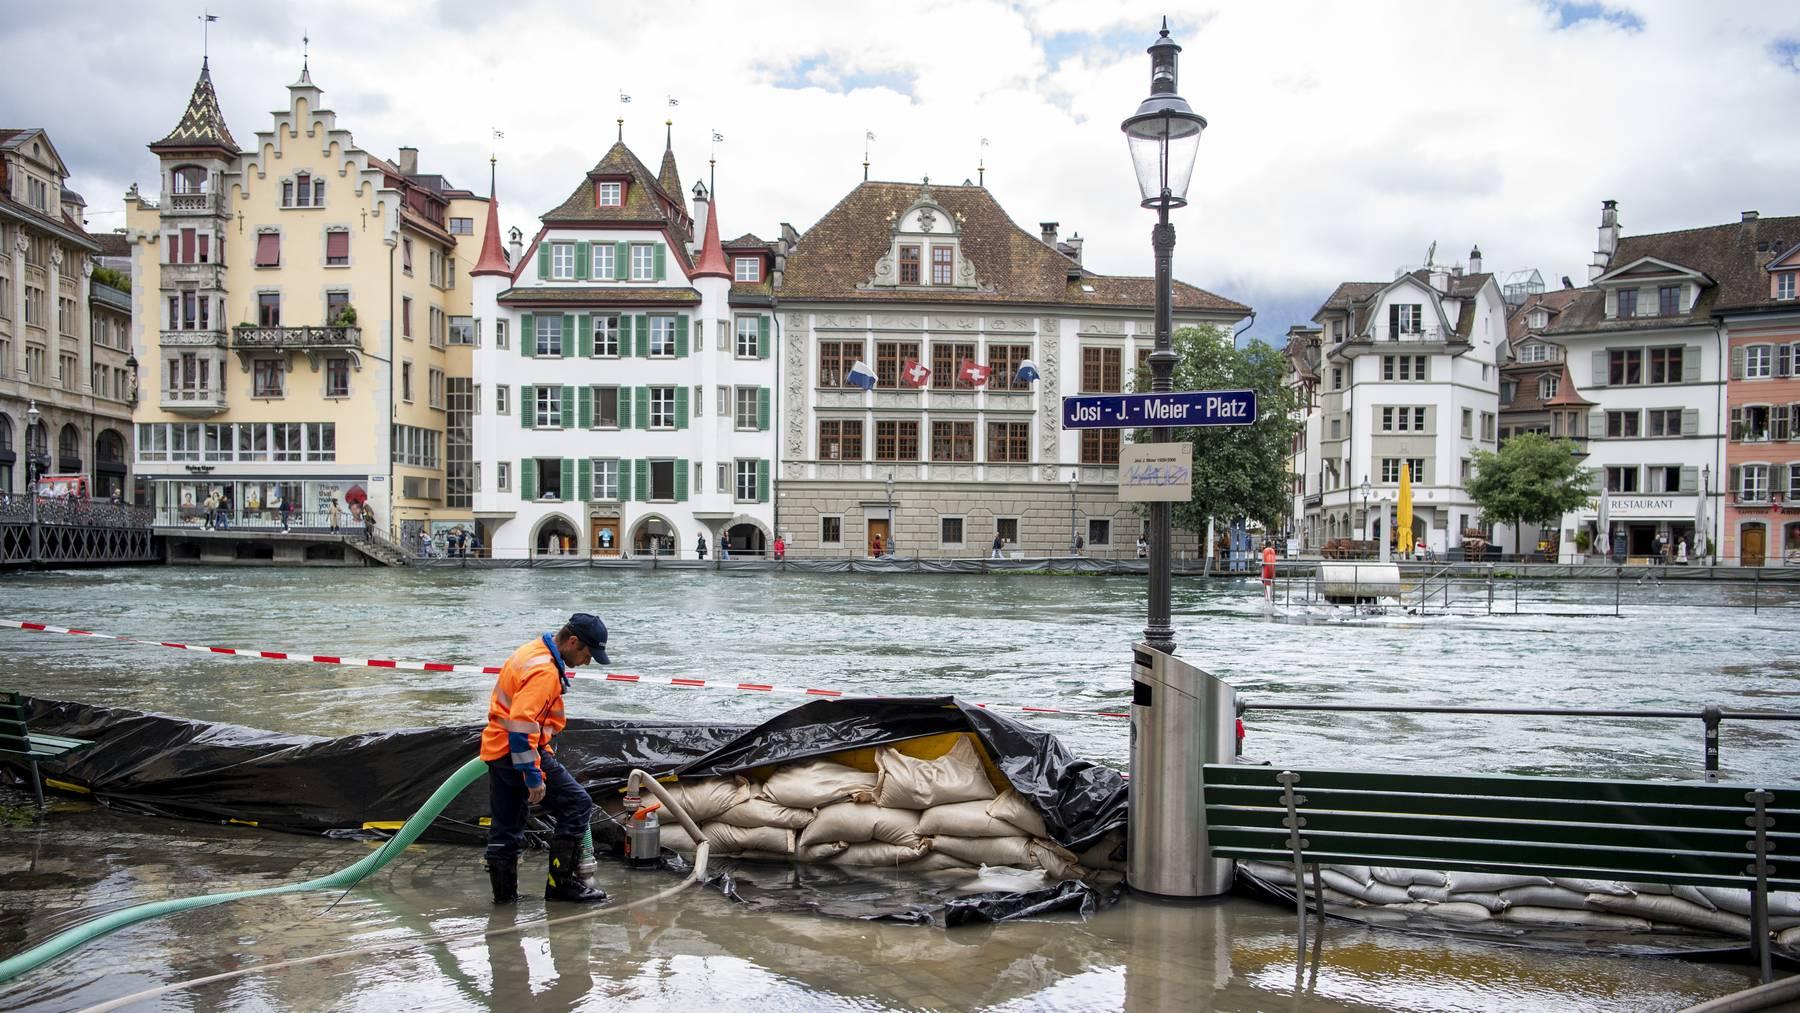 Die ersten Wasseruebertritte an der Reuss in Luzern sind erfolgt, am Mittwoch, 14. Juli 2021, in Luzern. Der Wasserspiegel des Vierwaldstaettersees ist bedrohlich hoch angestiegen und es muss in den naechsten Tagen mit Ueberschwemmungen gerechnet werden.